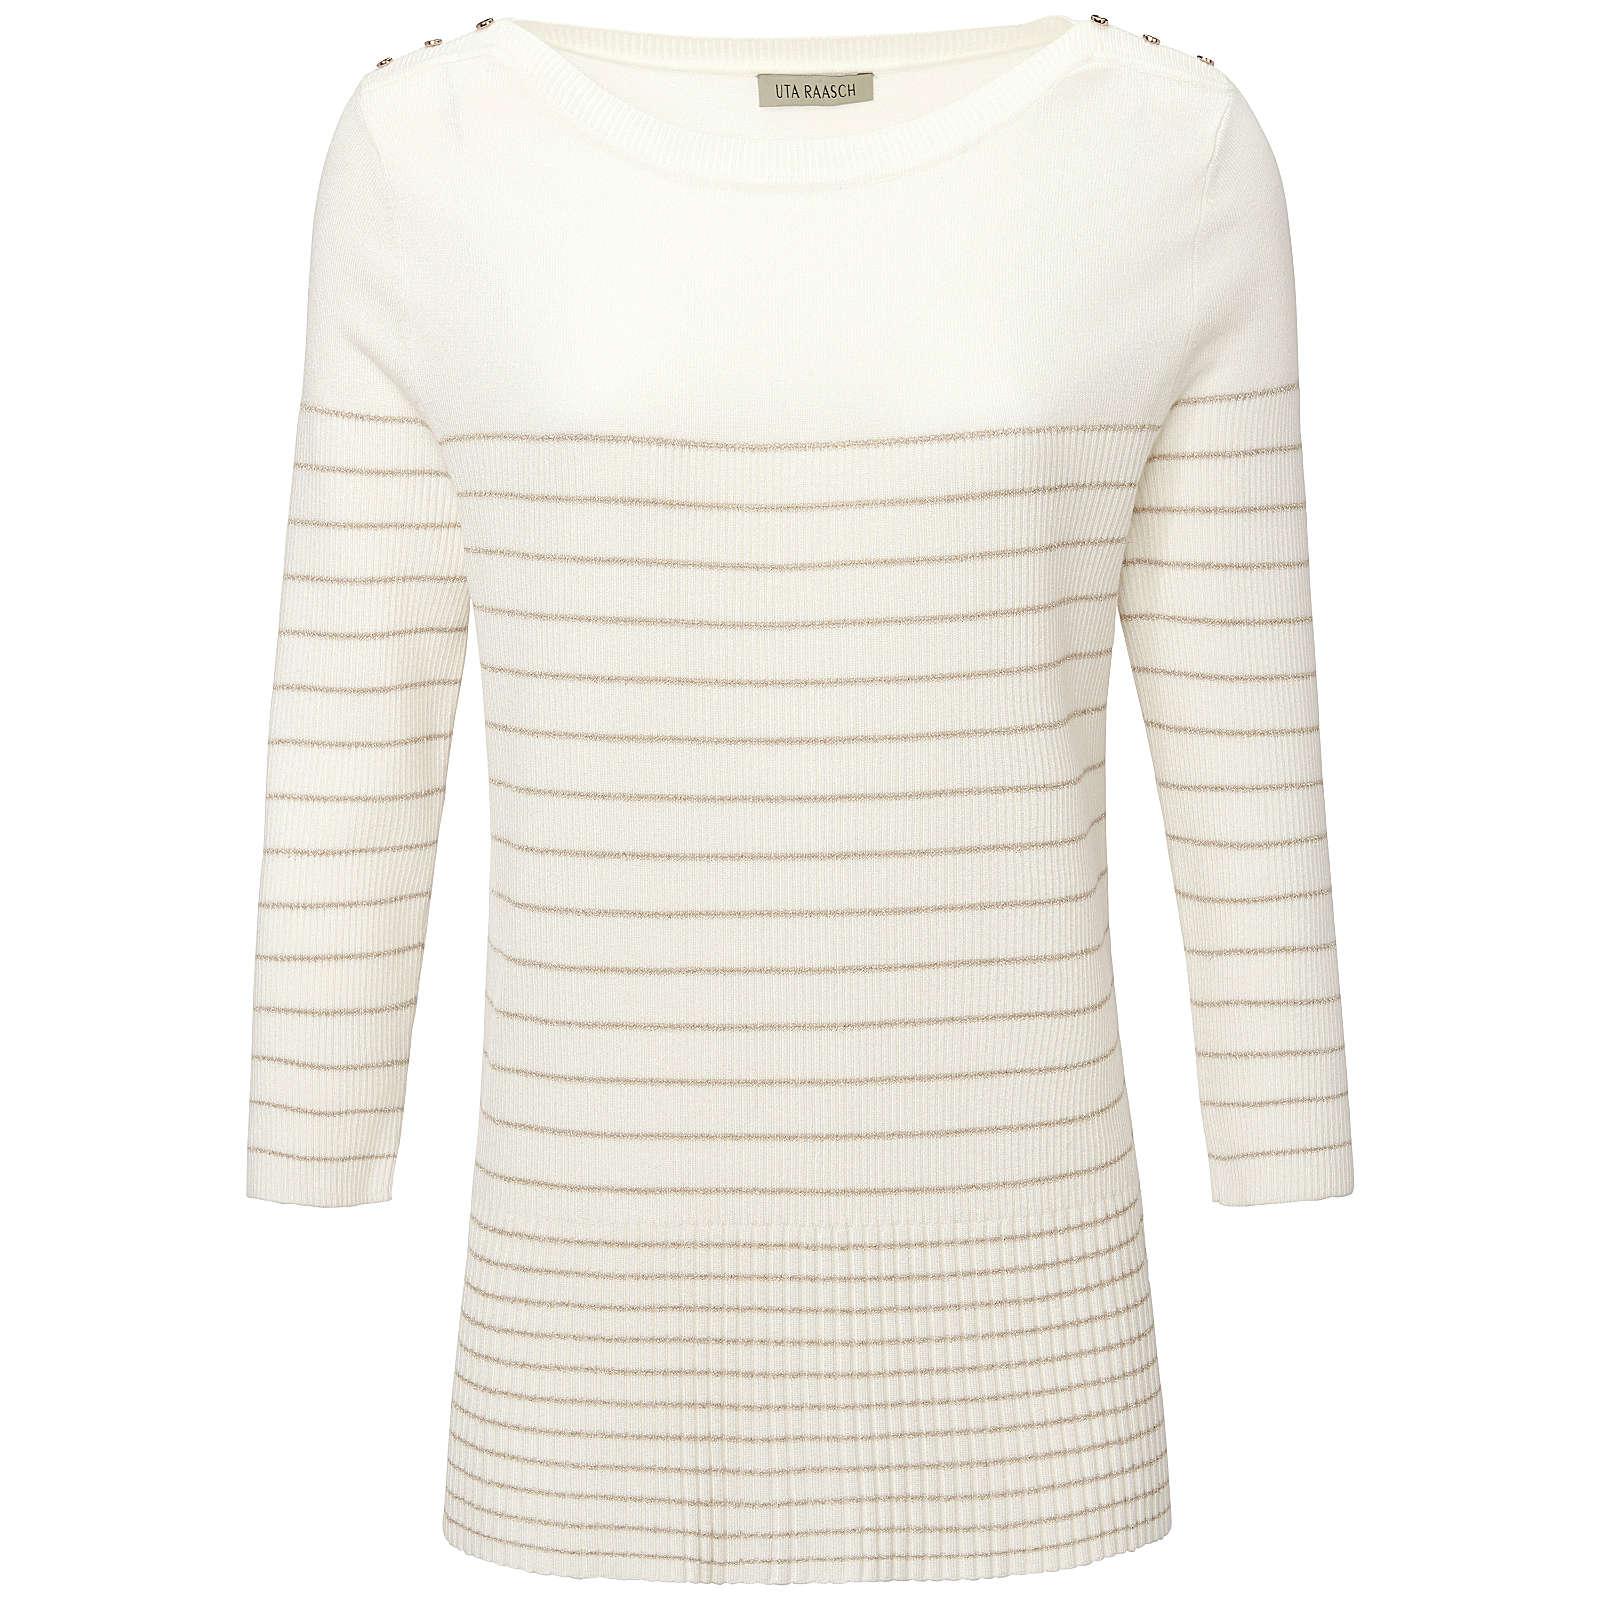 Uta Raasch Pullover mit 3/4-Arm Pullover mit 3/4-Arm Pullover weiß Damen Gr. 38